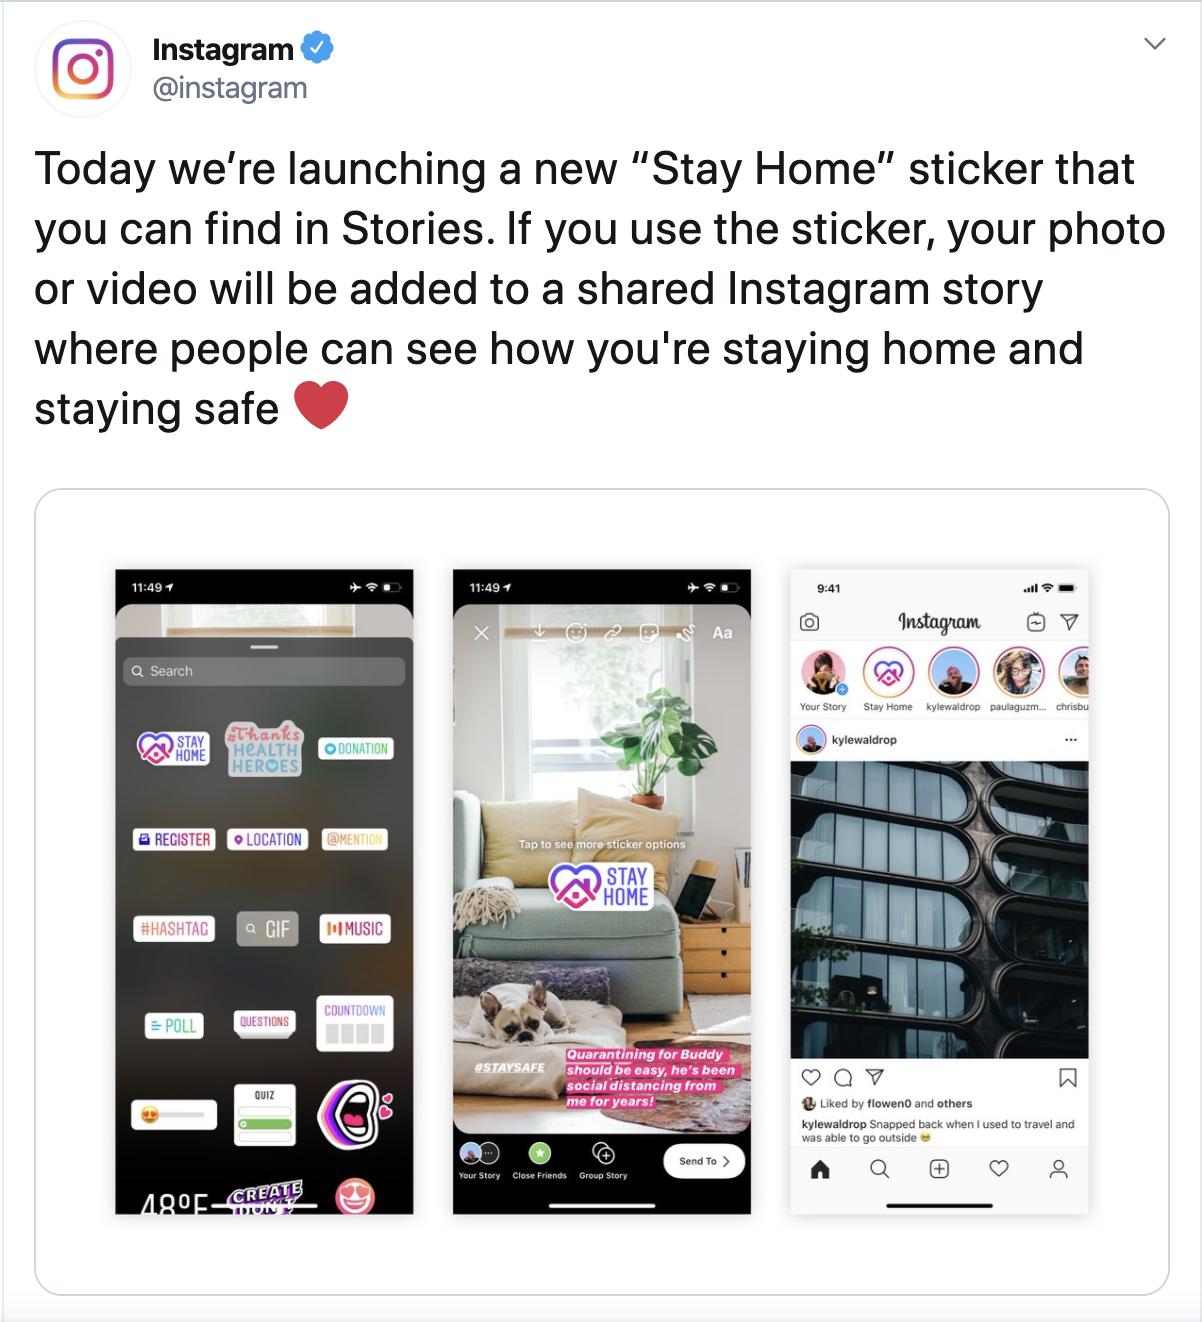 دعوت اینستاگرام از کاربران برای در خانه ماندن